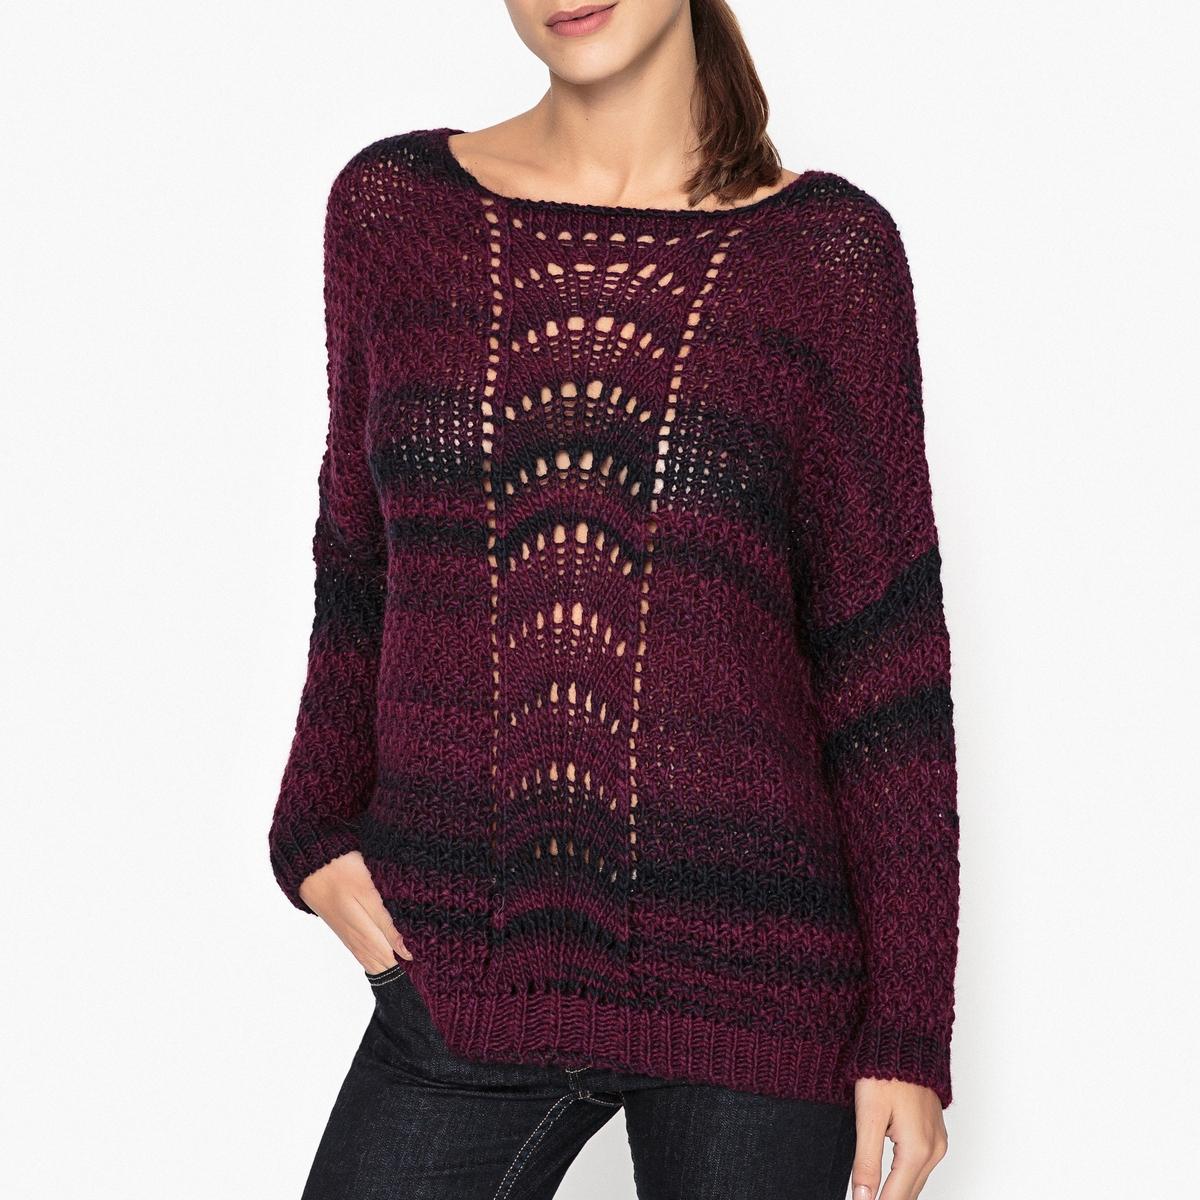 Пуловер из оригинального трикотажа LEON кардиган из оригинального трикотажа 100